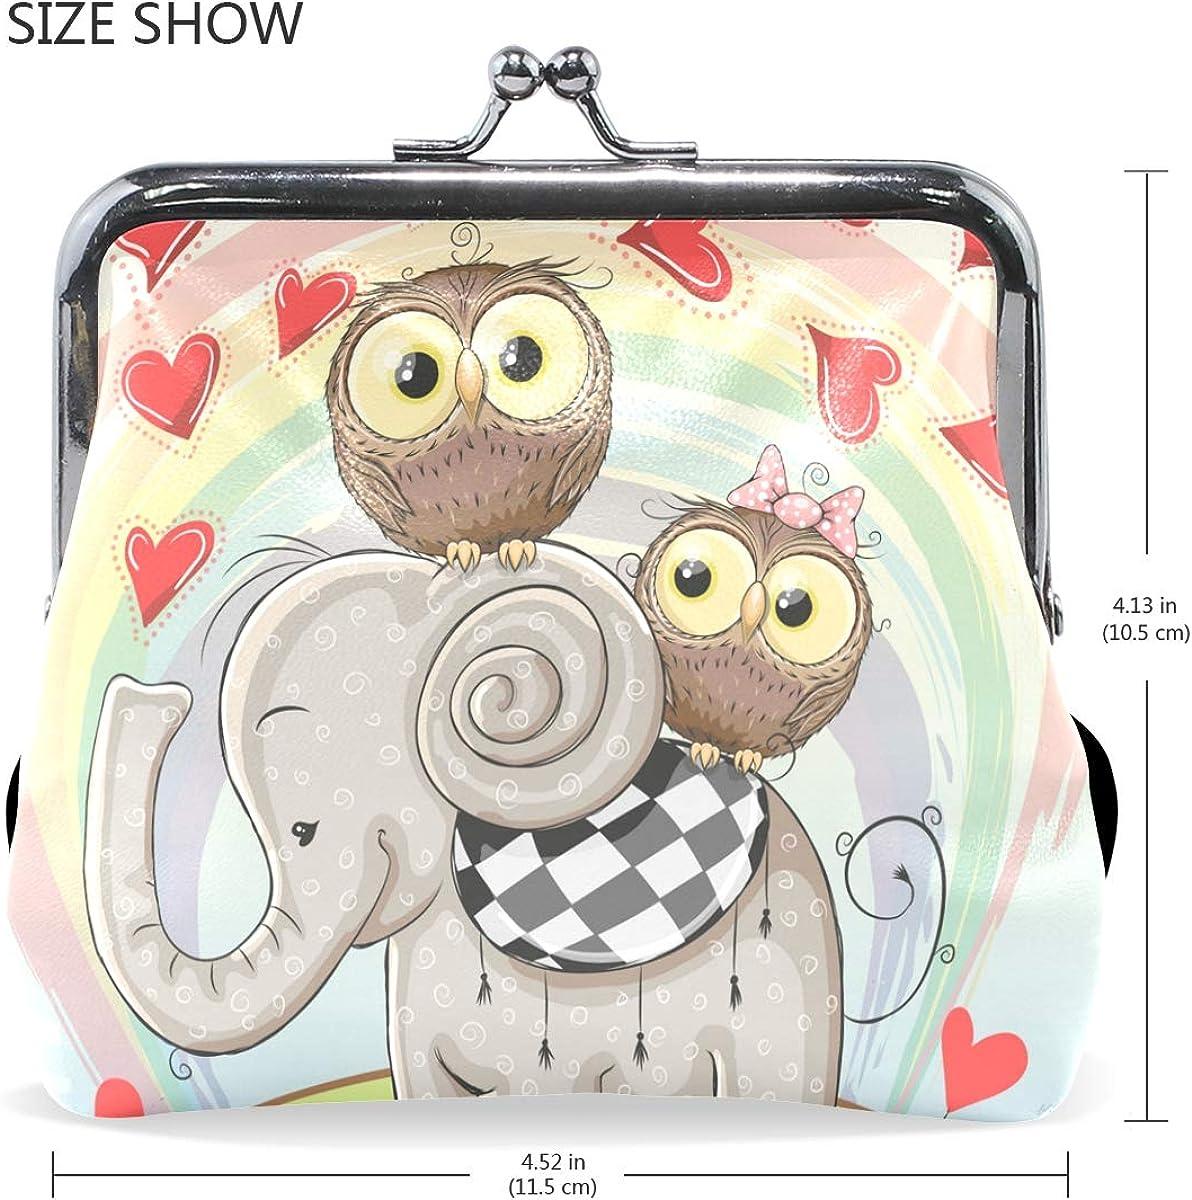 Fashion Womens Coin Purse Cute Cartoon Elephant Vintage Pouch Kiss-lock Mini Purse Wallets